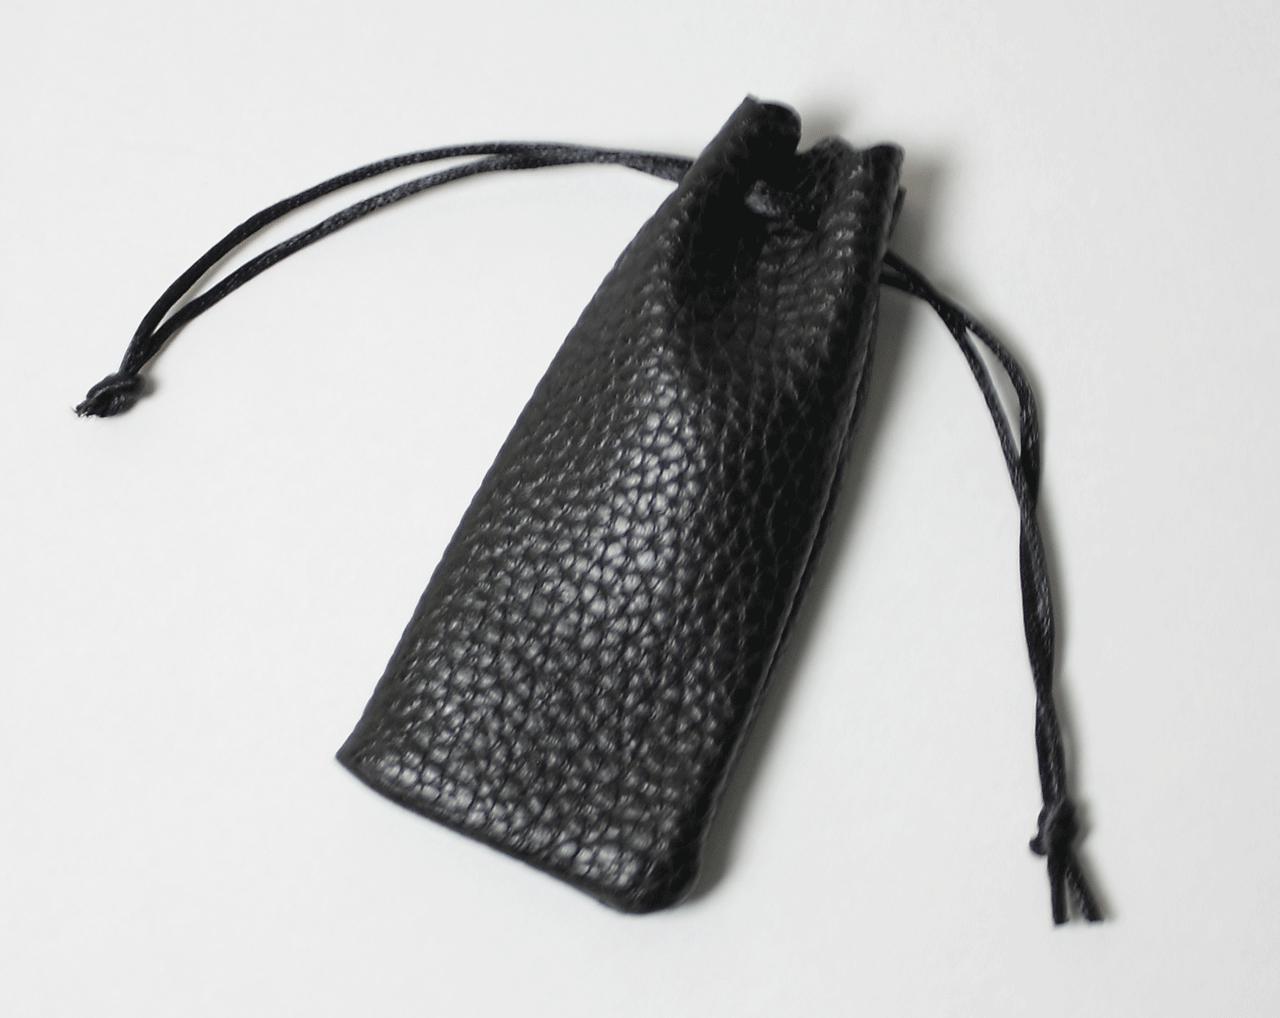 個人認印 オランダ水牛(寸胴) 13.5mm